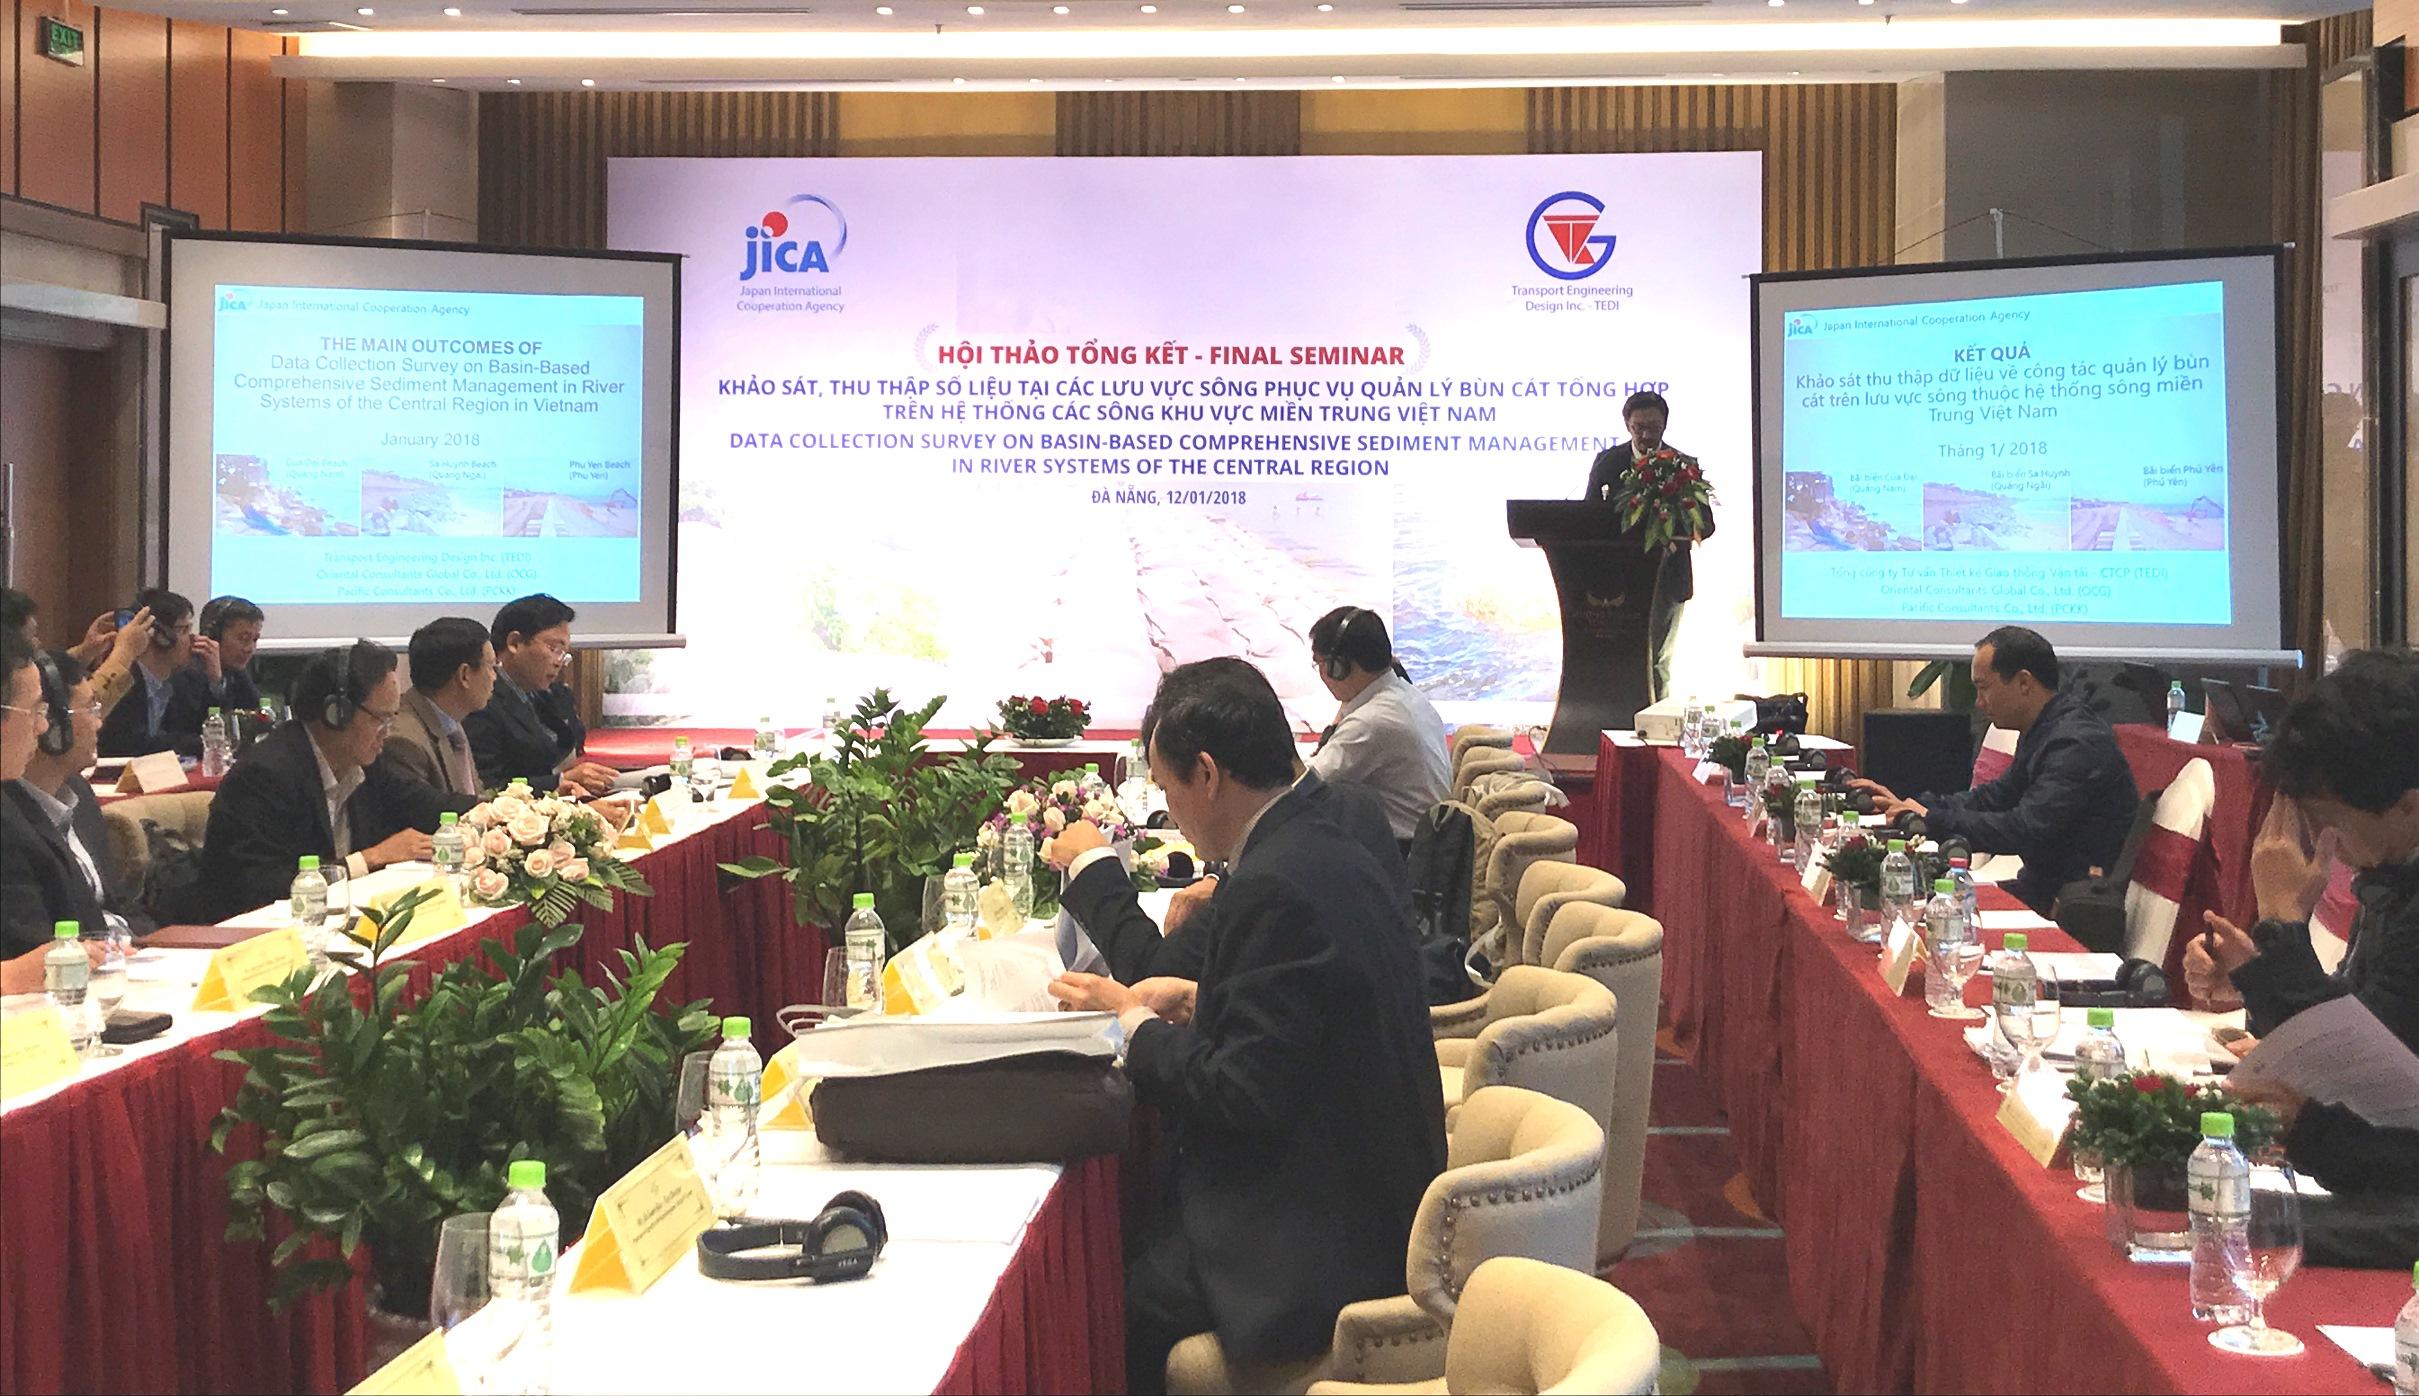 Cơ quan Hợp tác Quốc tế Nhật Bản chia sẻ kết quả khảo sát về quản lý bùn đất tổng hợp